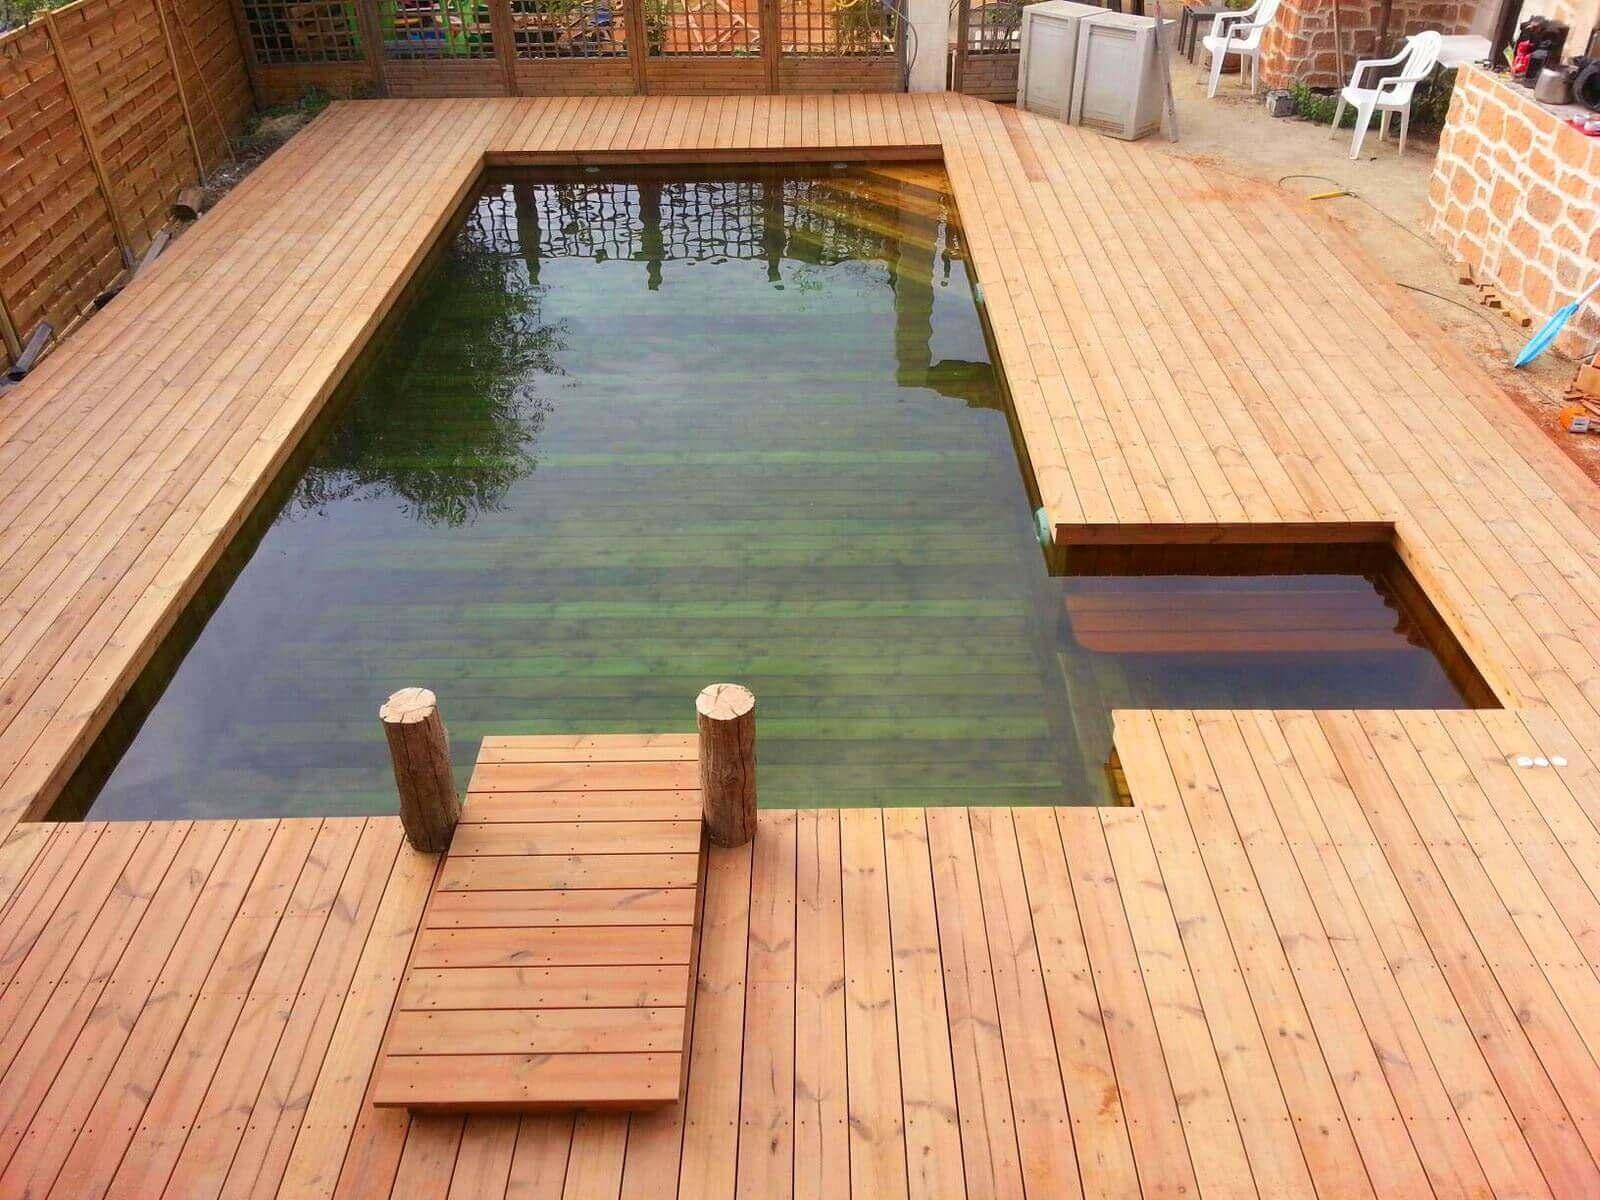 Piscine Bois Avec Terrasse fabricant piscine et jacuzzi spa sur mesure 100% bois à